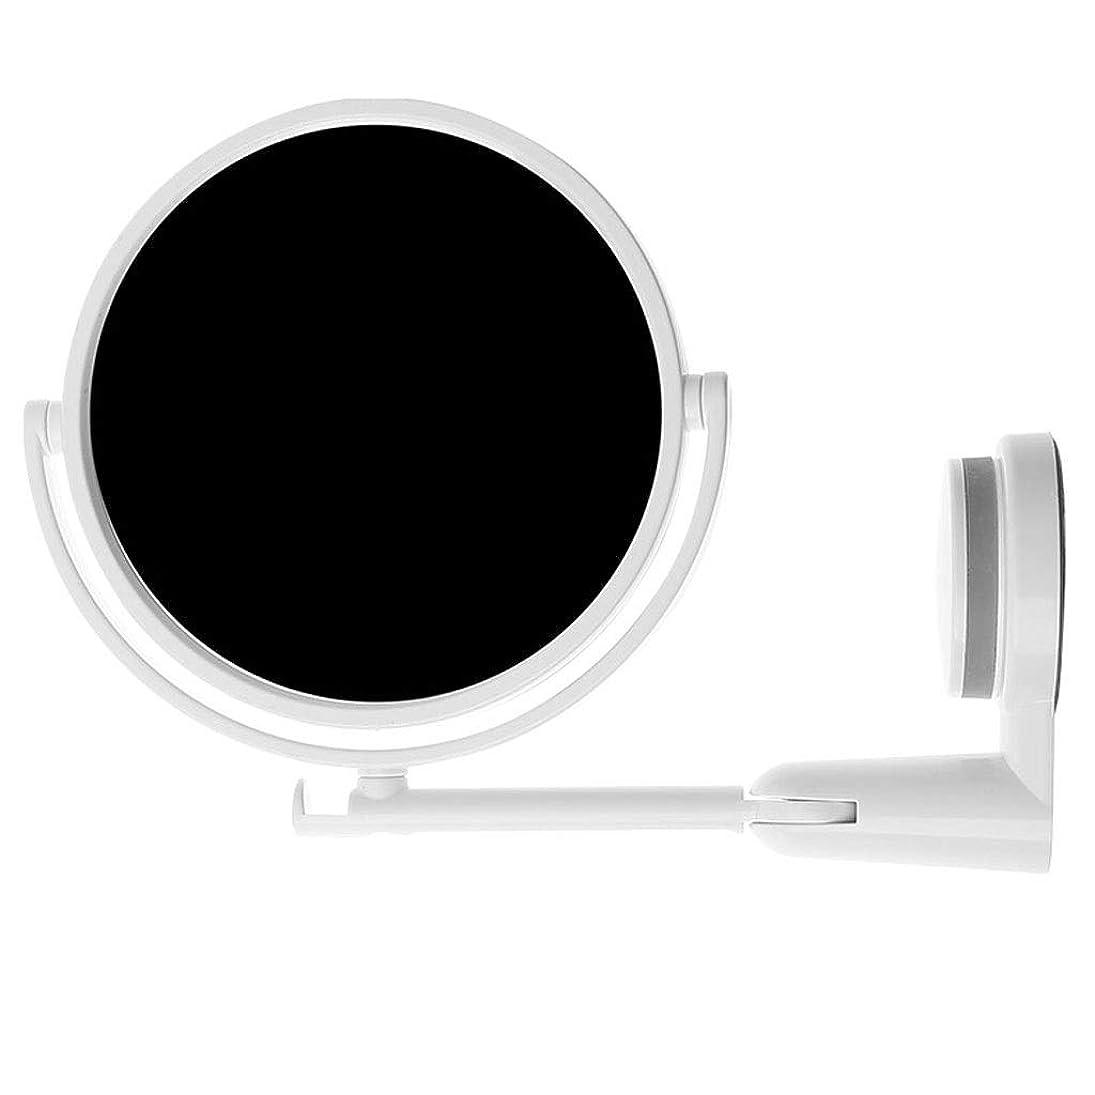 はさみ最悪回転FRF 化粧鏡- バスルームバスルーム無料パンチ折りたたみミラーホテル浴室壁掛け回転ミラー (Color : White, Size : 17.5x16cm)